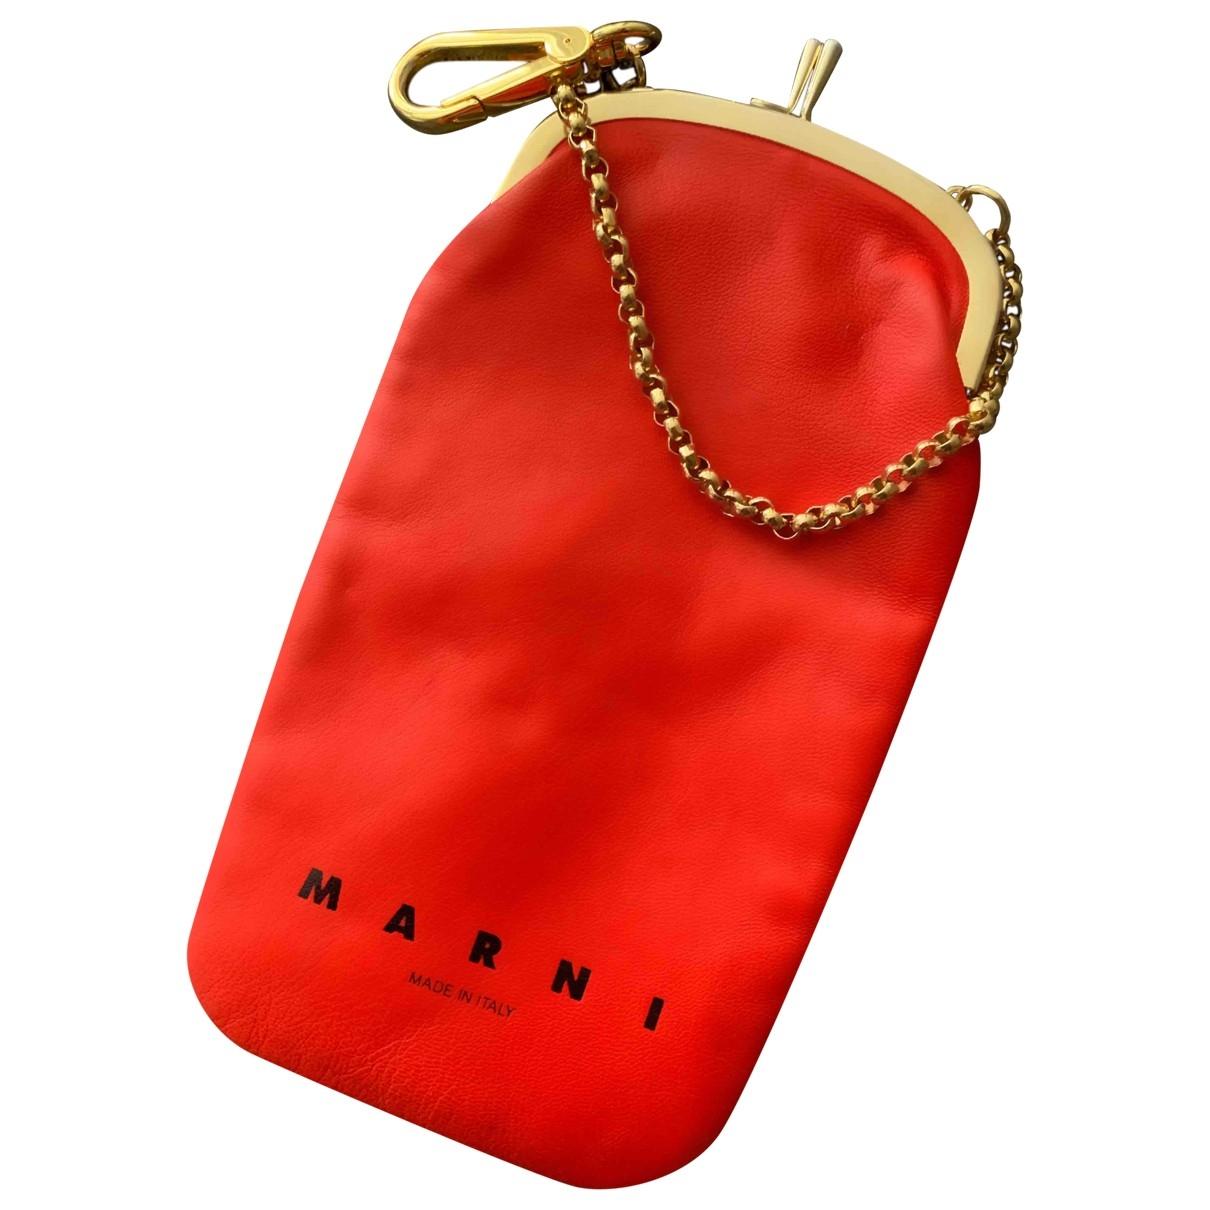 Marni \N Kleinlederwaren in  Rot Leder